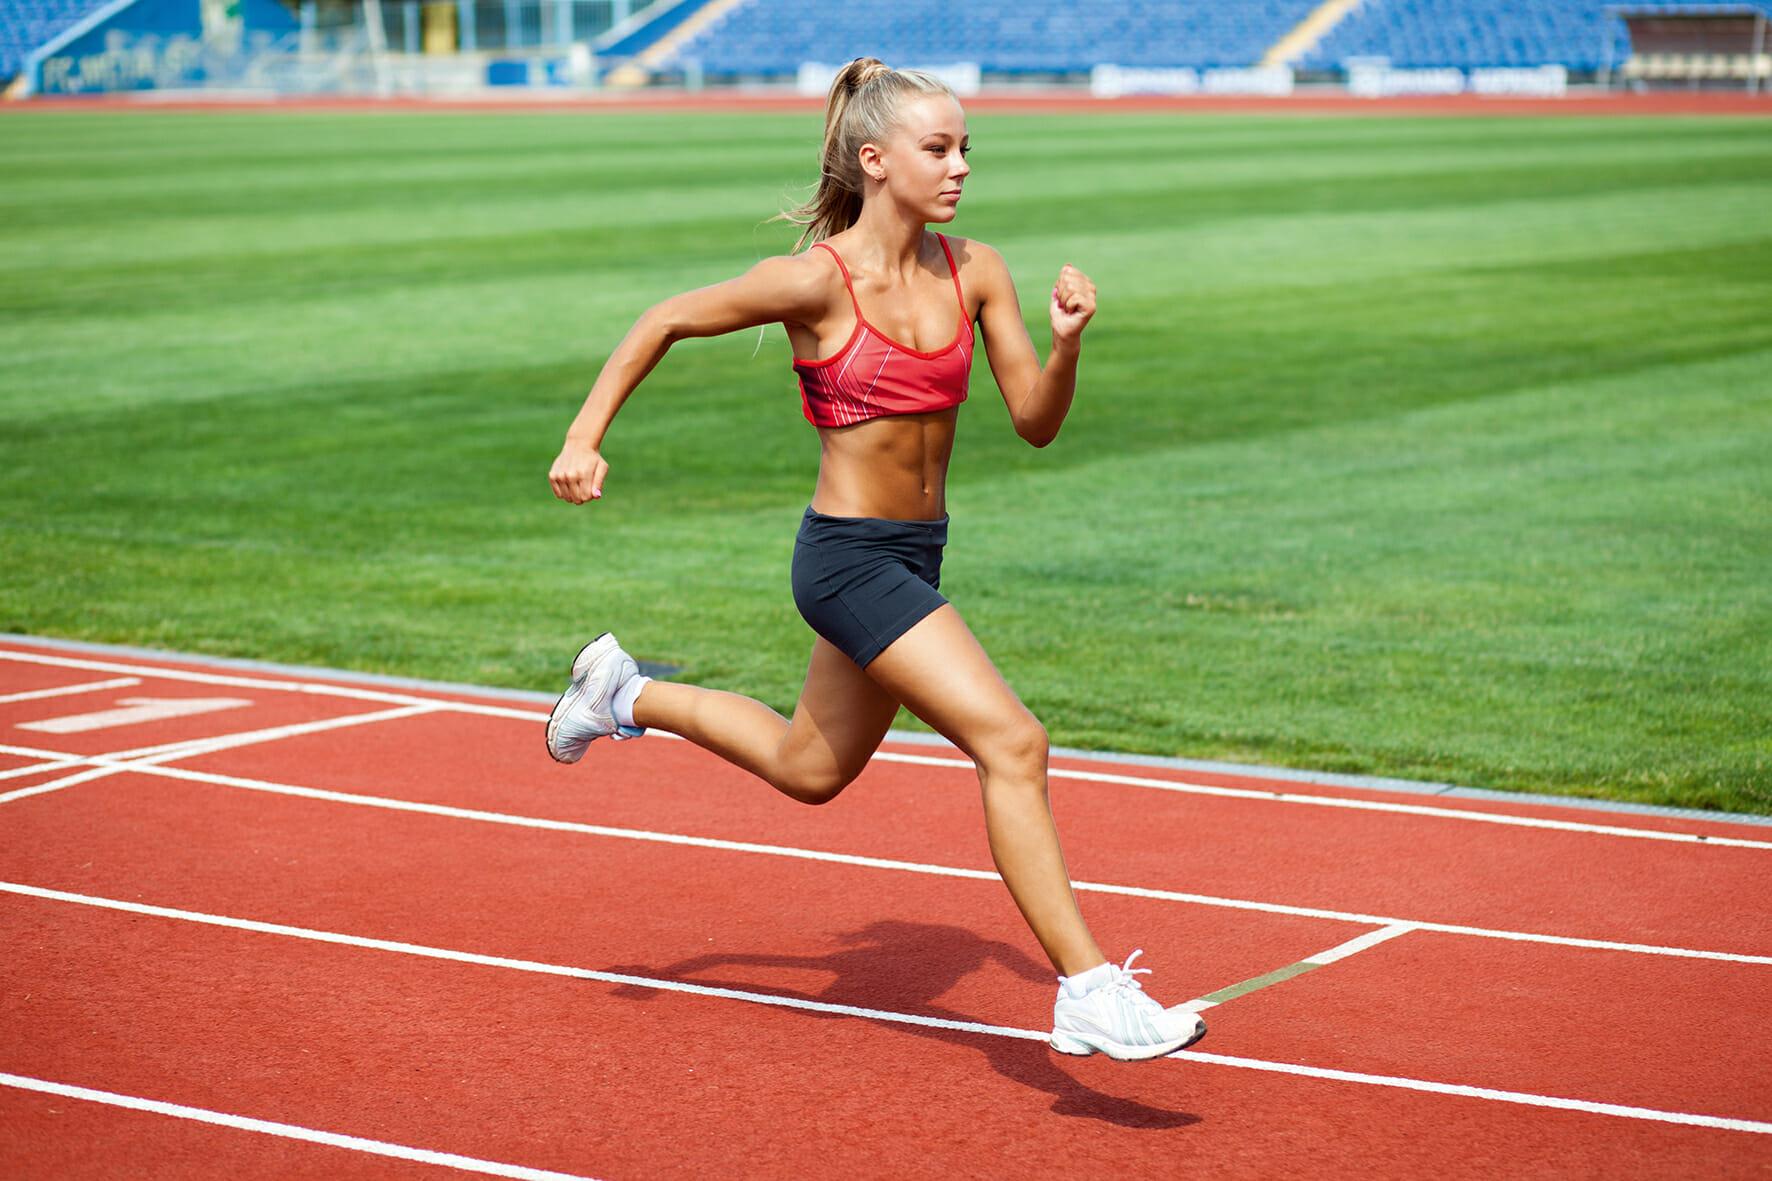 séance de sprint pour brûler les graisses